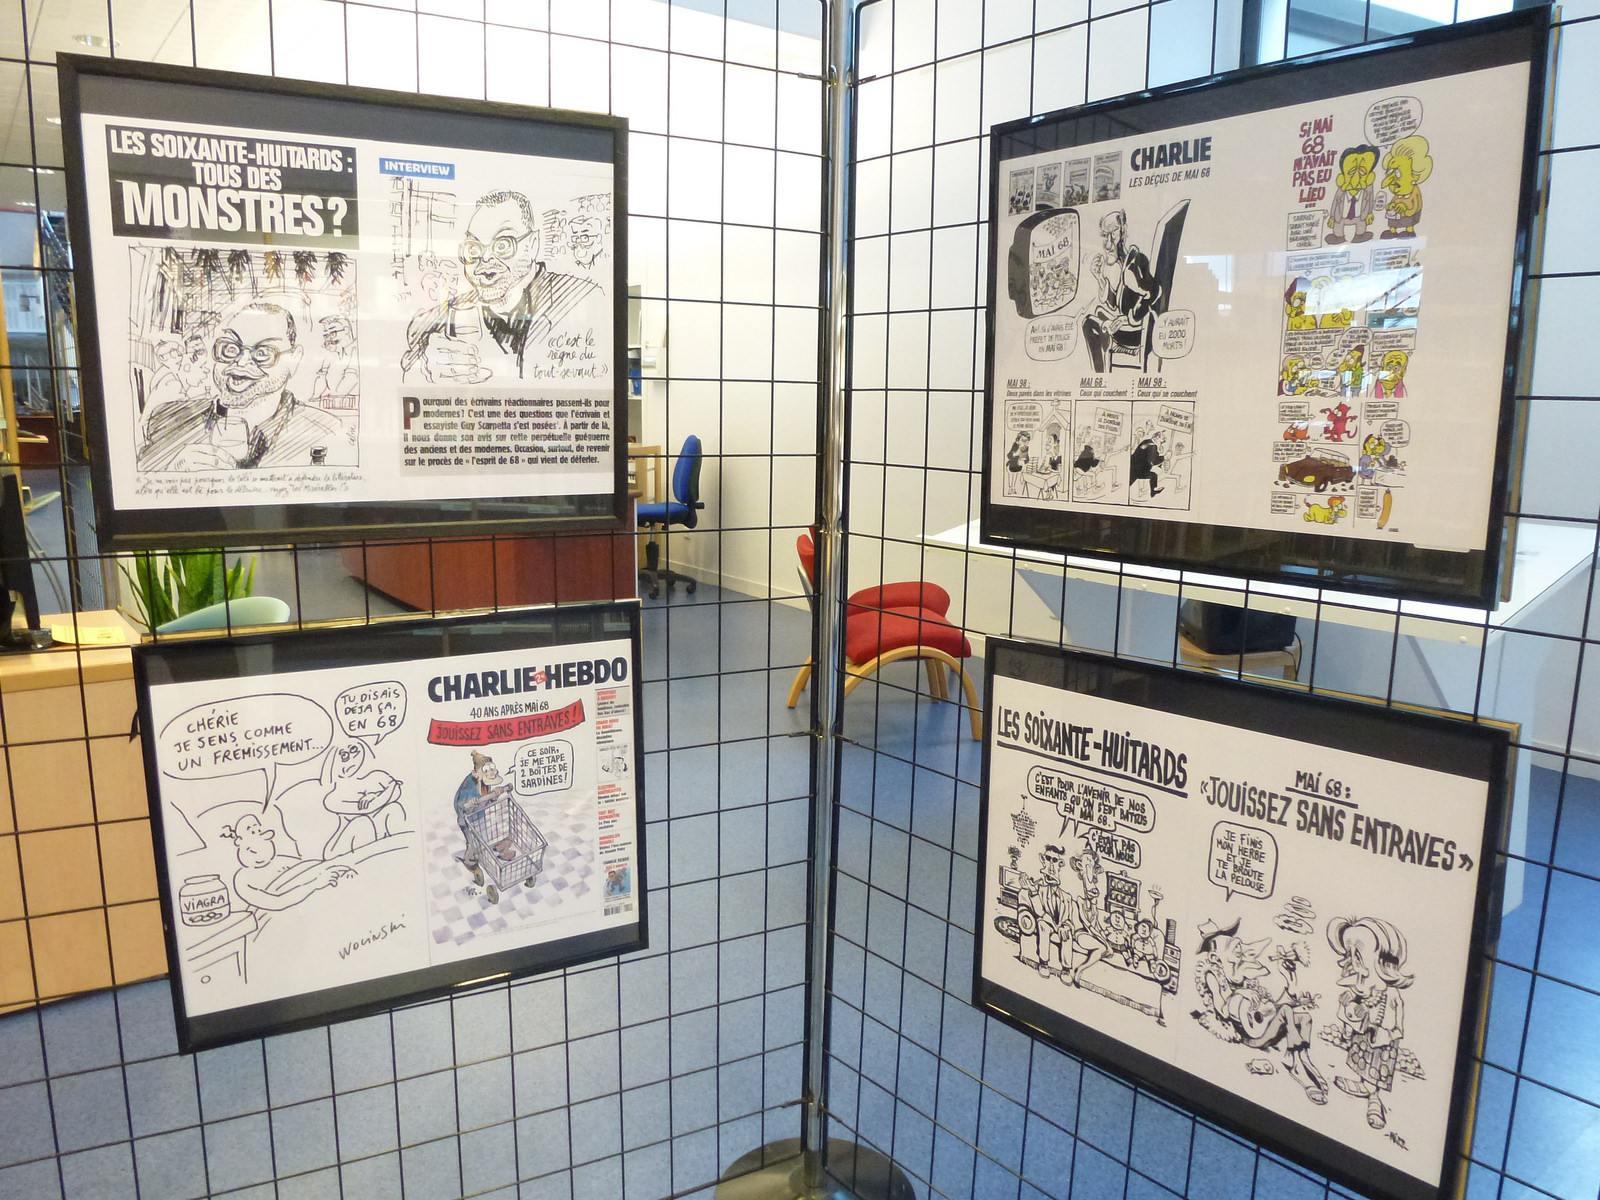 charlie hebdo exhibit11 Exhibition Charlie Hebdo at Quimperle